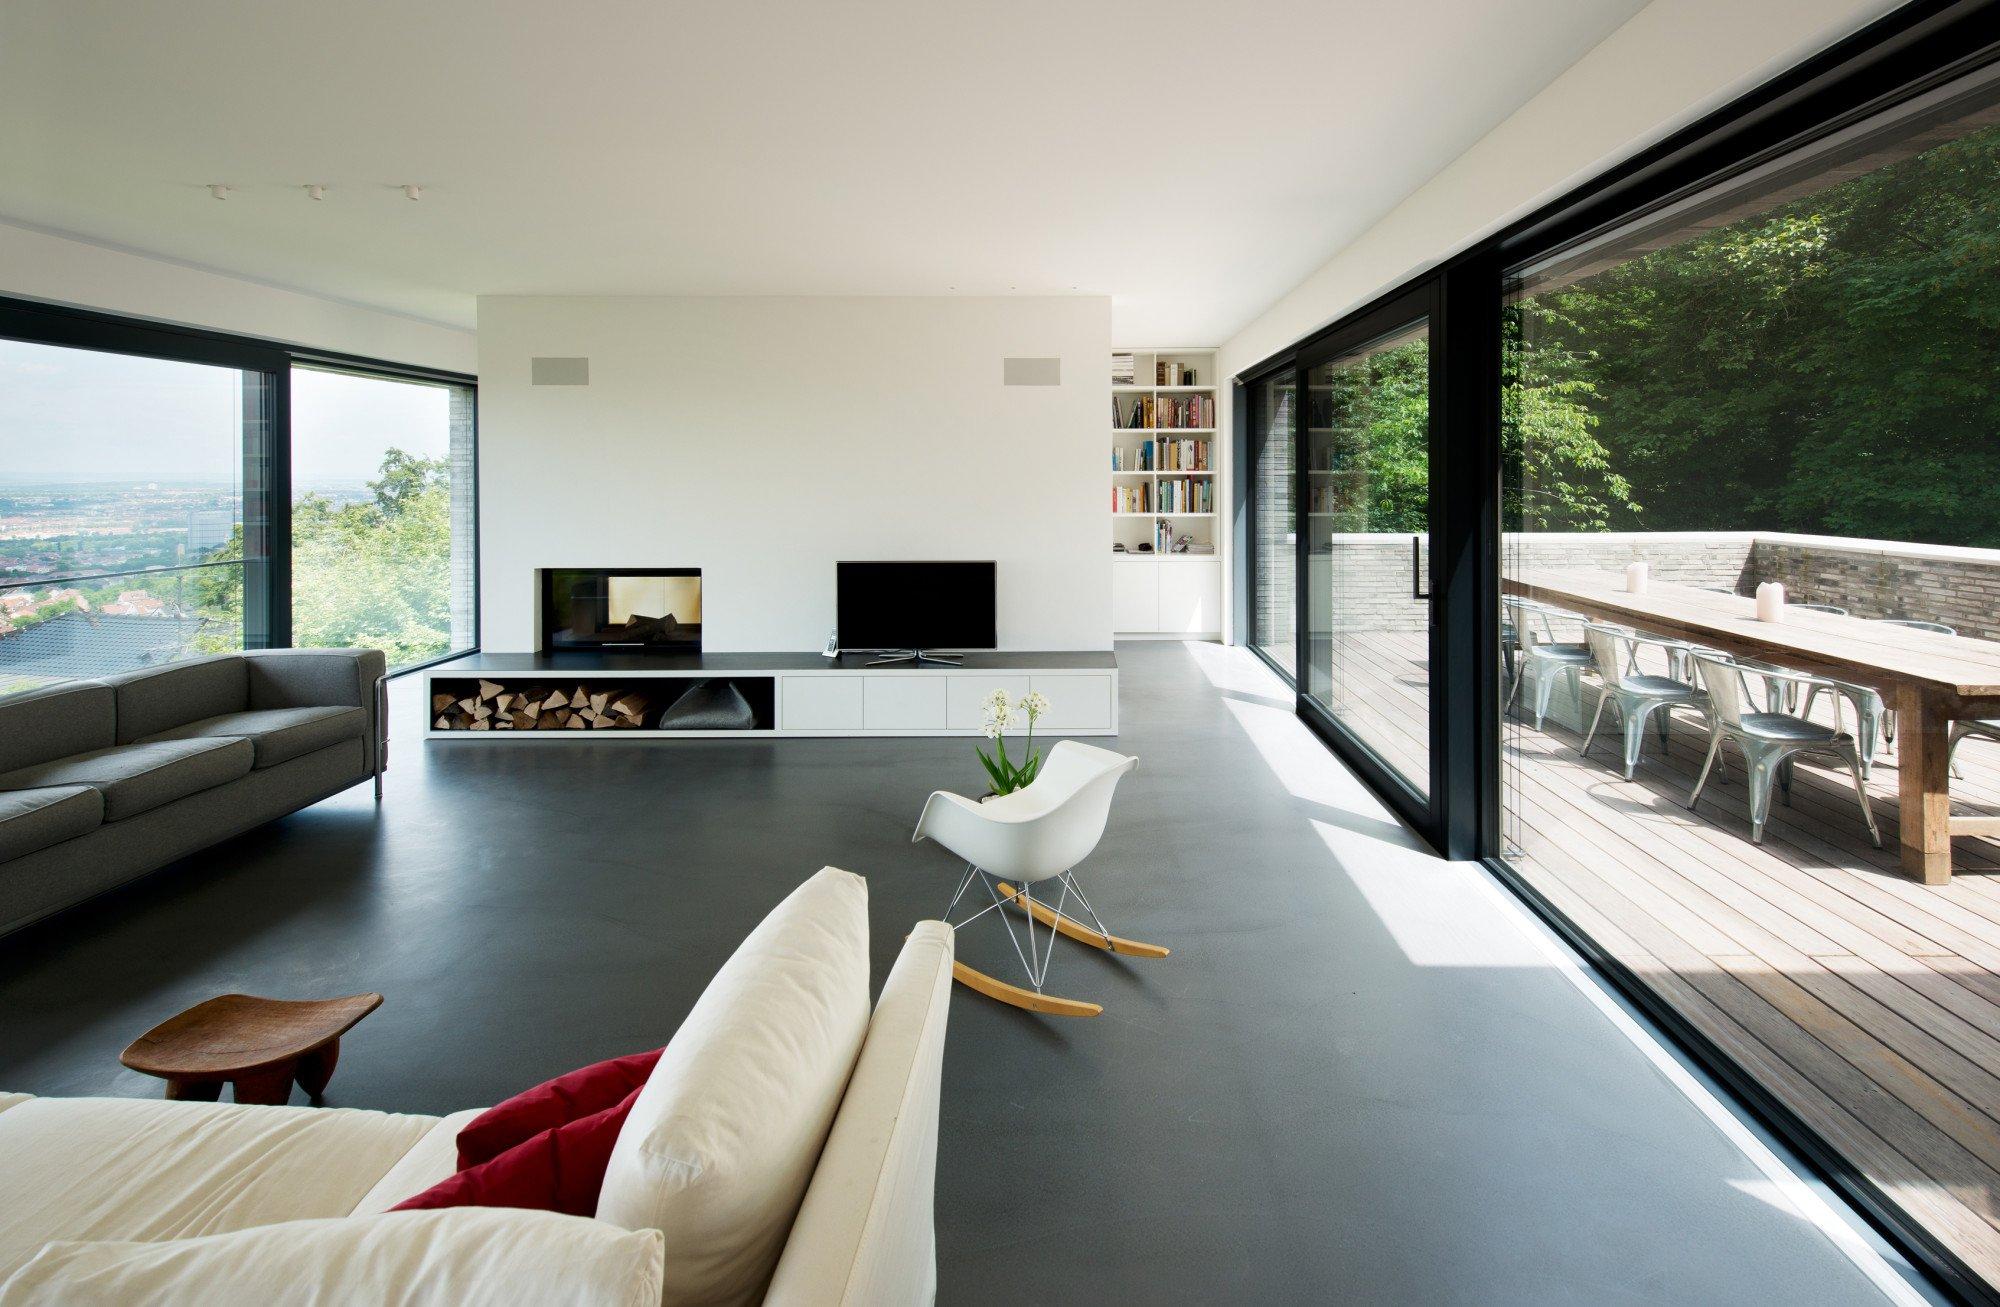 31 unique terrasse zu wohnraum umbauen pictures terrassenideen blog. Black Bedroom Furniture Sets. Home Design Ideas